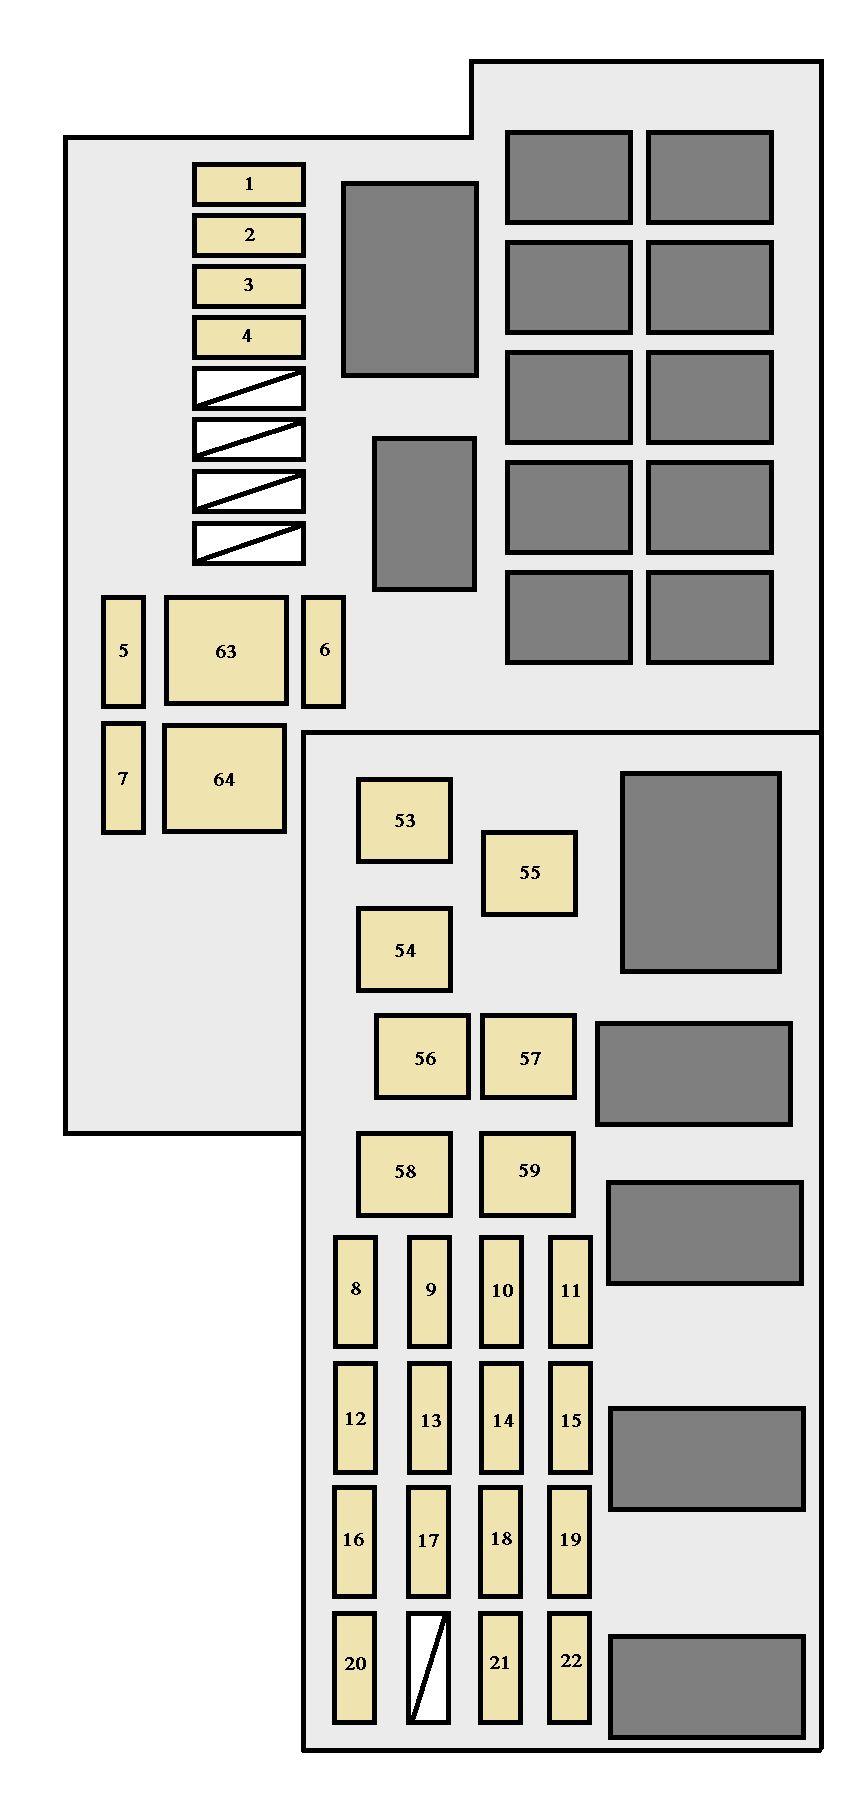 Lexus Rx330 Fuse Box Diagram Interior Also 2001 Lexus Rx300 Fuse Box